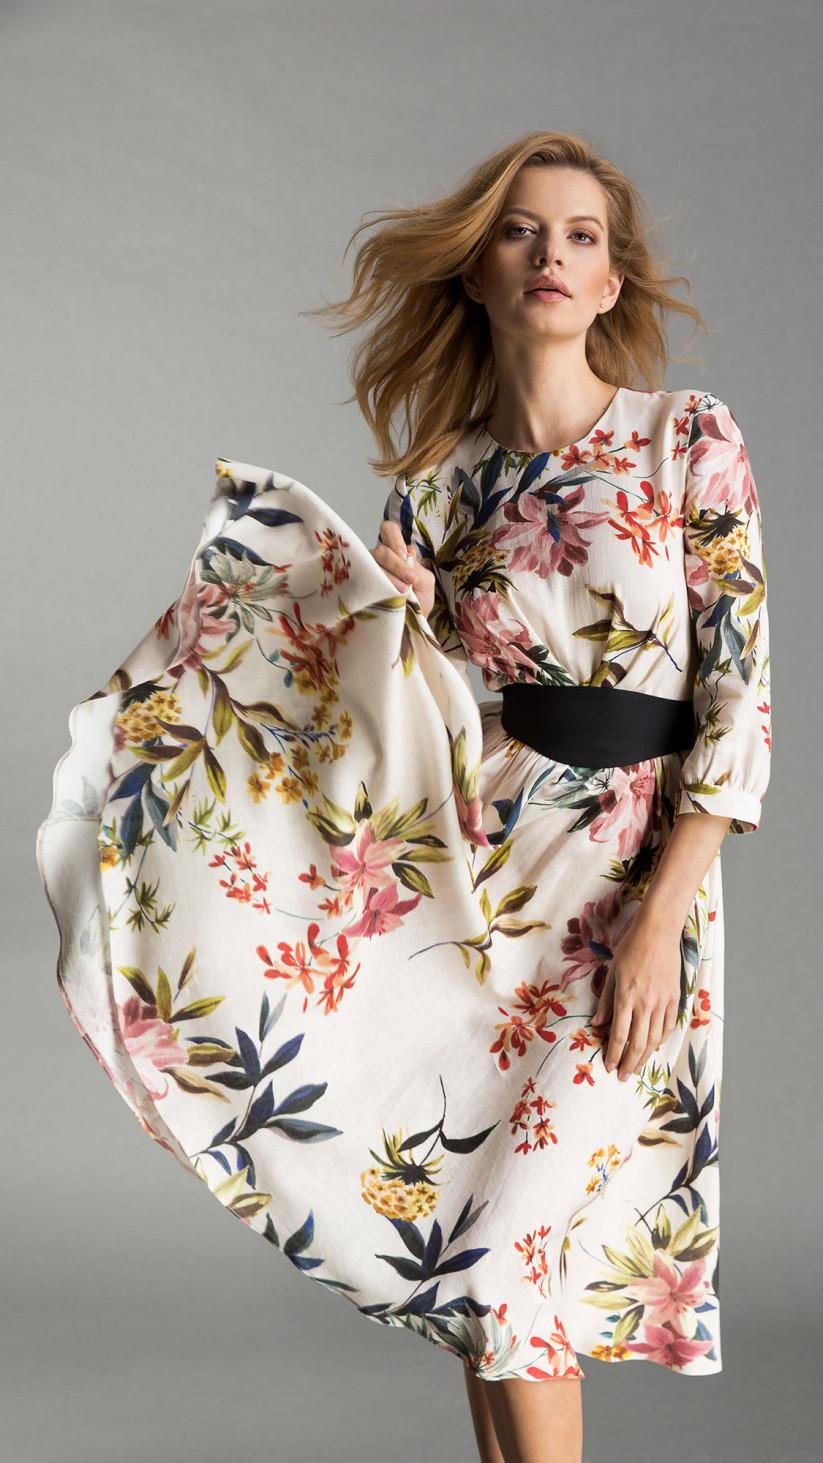 Sukienka Yvonne   Kwiecisty Biały   Romantyczna, lniana sukienka midi z rękawem ¾